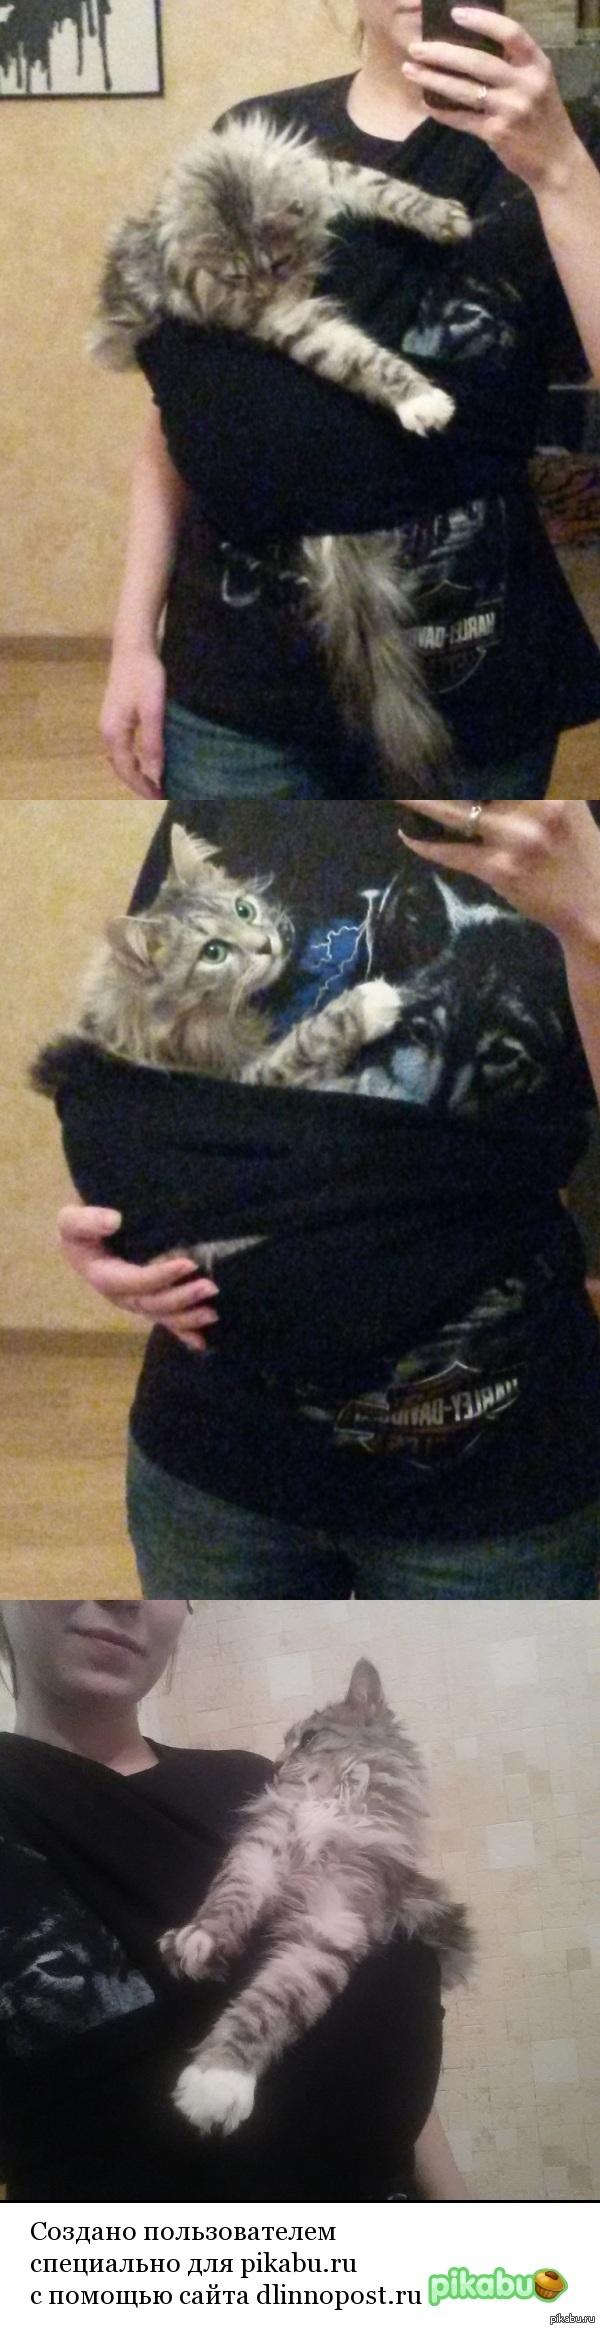 Кошка предпочитает сидеть на руках и вообще быть всегда рядом))